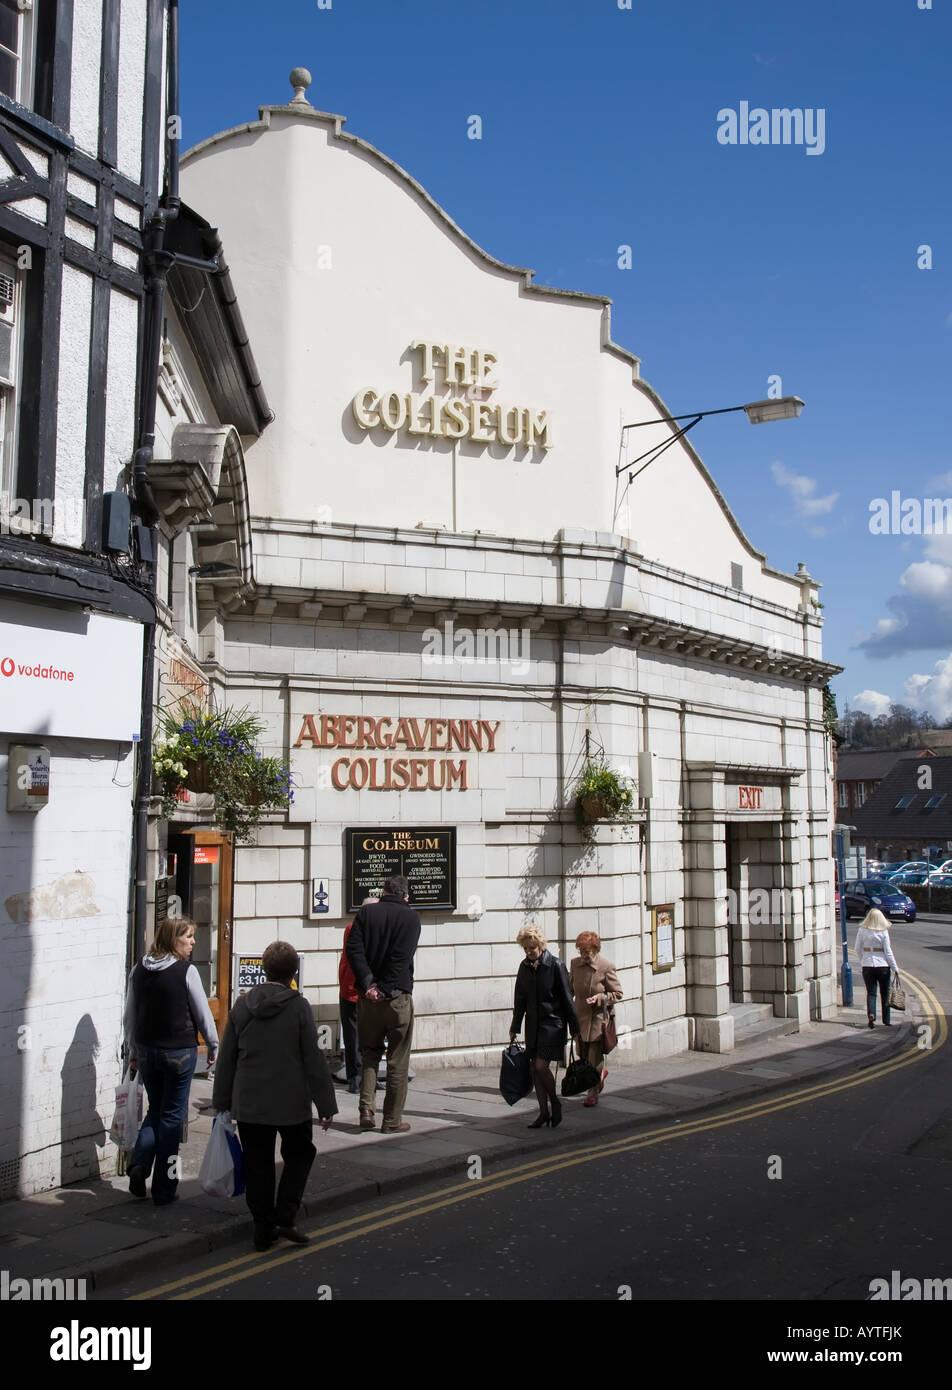 Ancien cinéma transformé en pub et cafe Abergavenny Wales UK Photo Stock